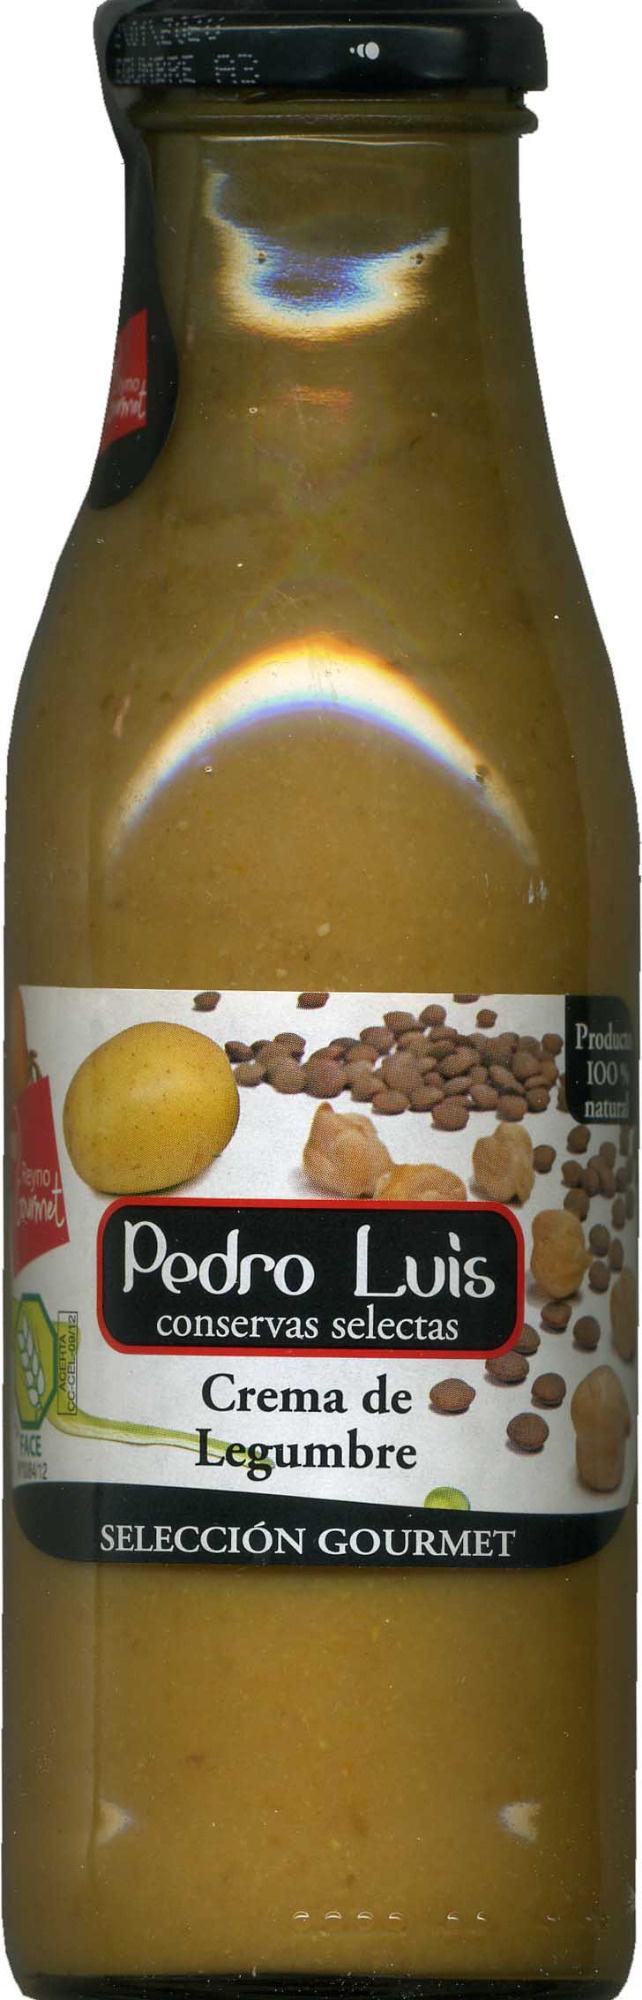 Crema de legumbres Selección gourmet - Producto - es